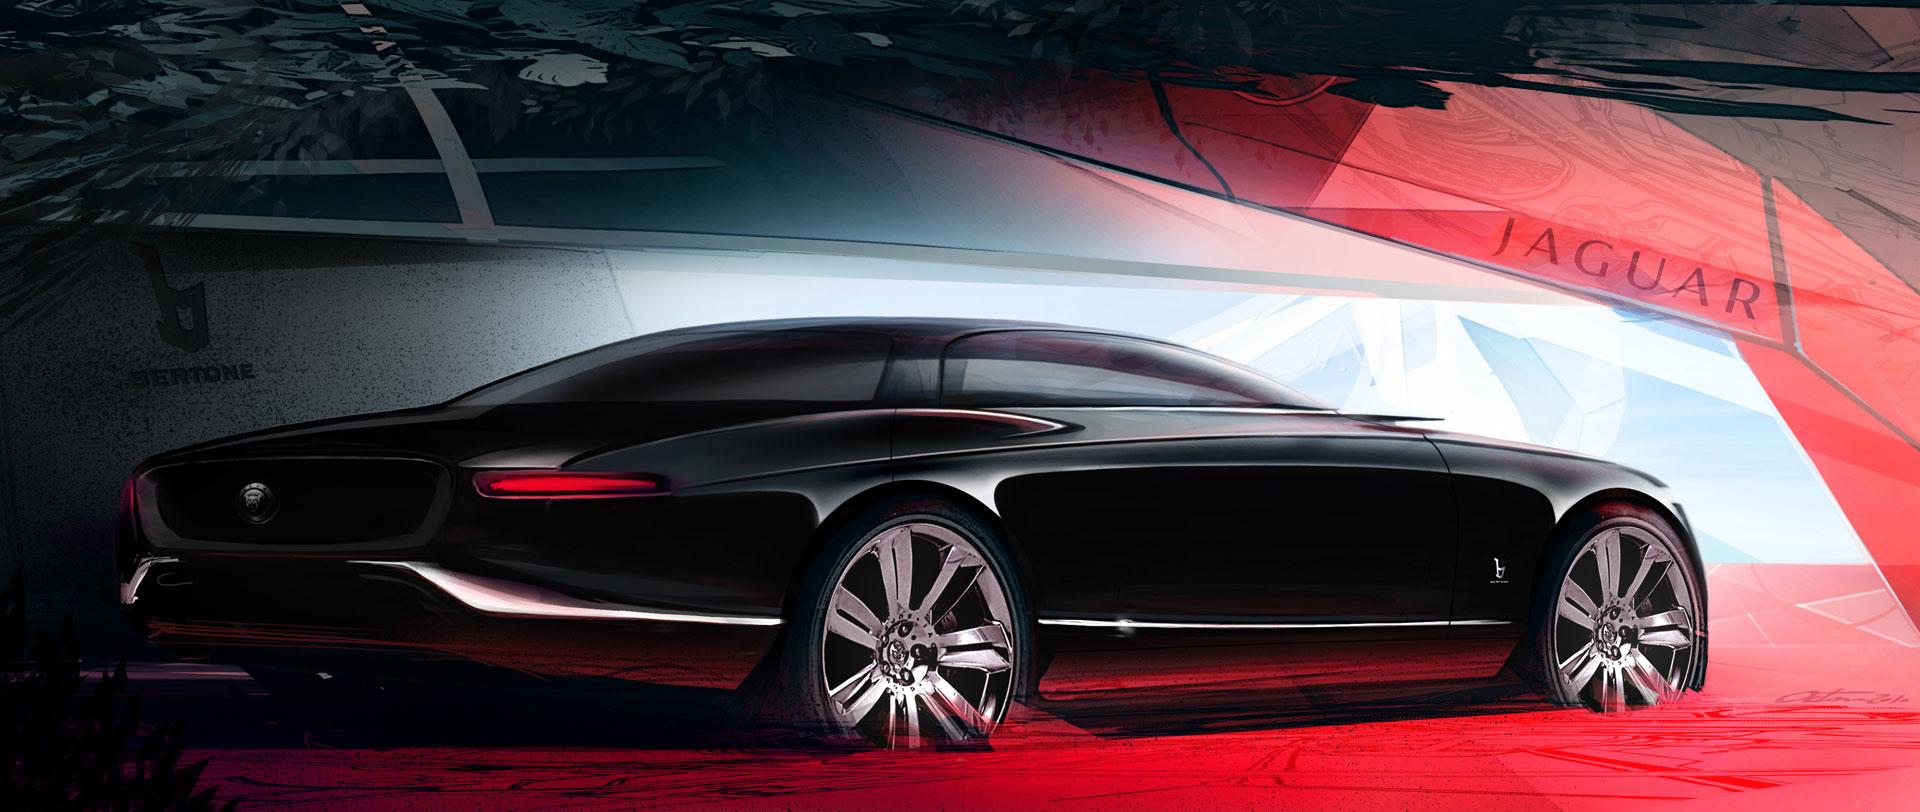 2011 Jaguar B99 Bertone Studios